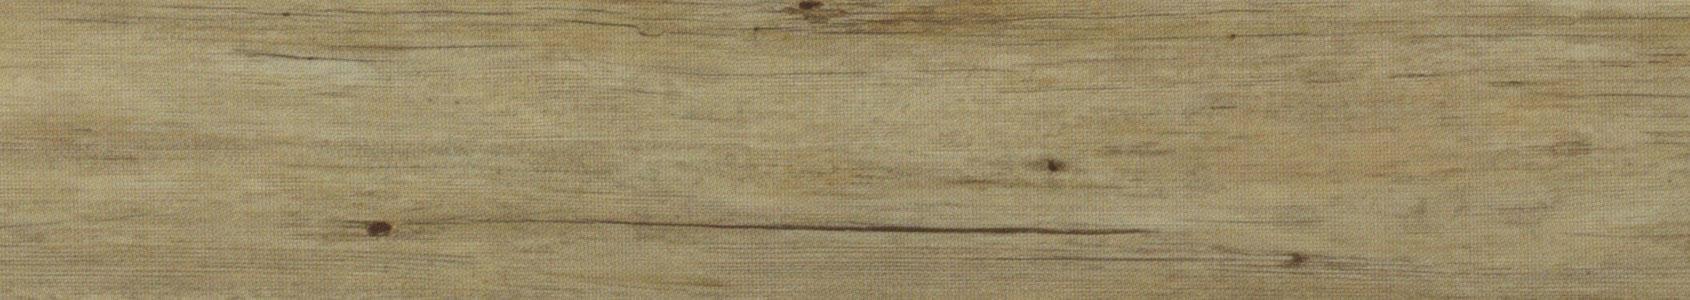 Senso rustic   pavimento sintetico in p.v.c. multistrato adesivo ...